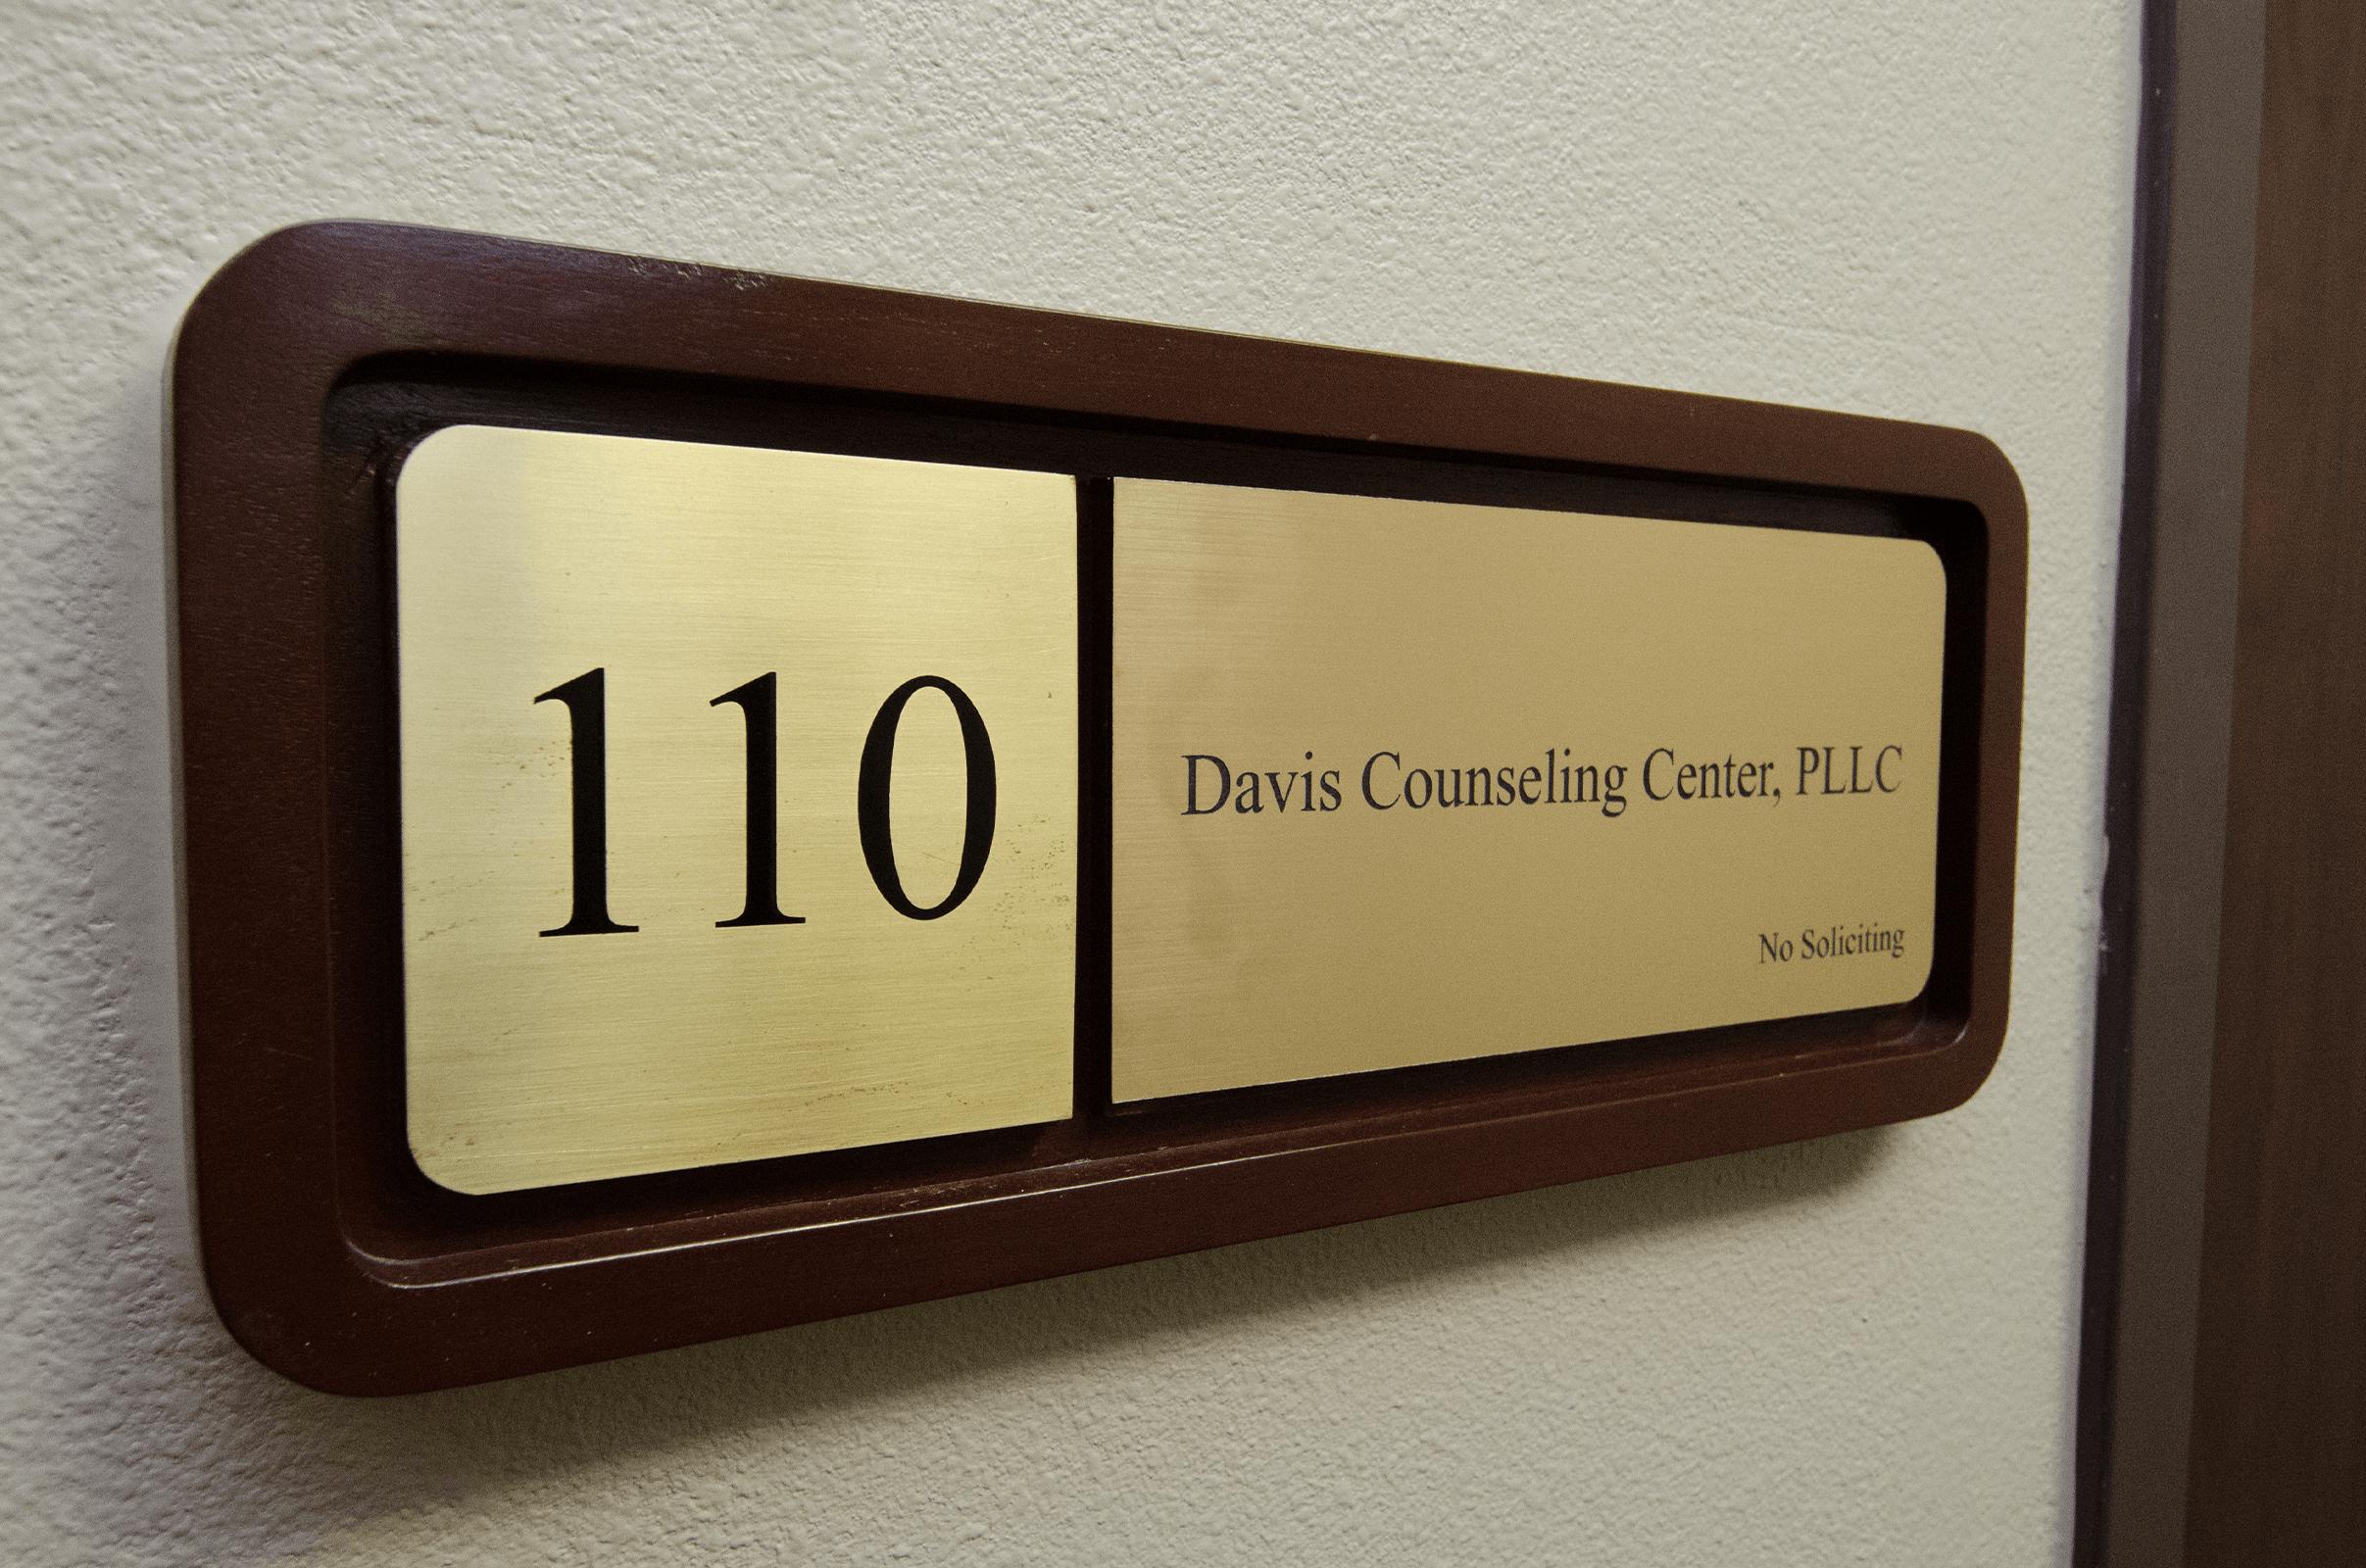 Suite 110 - Davis Counseling Center, PLLC